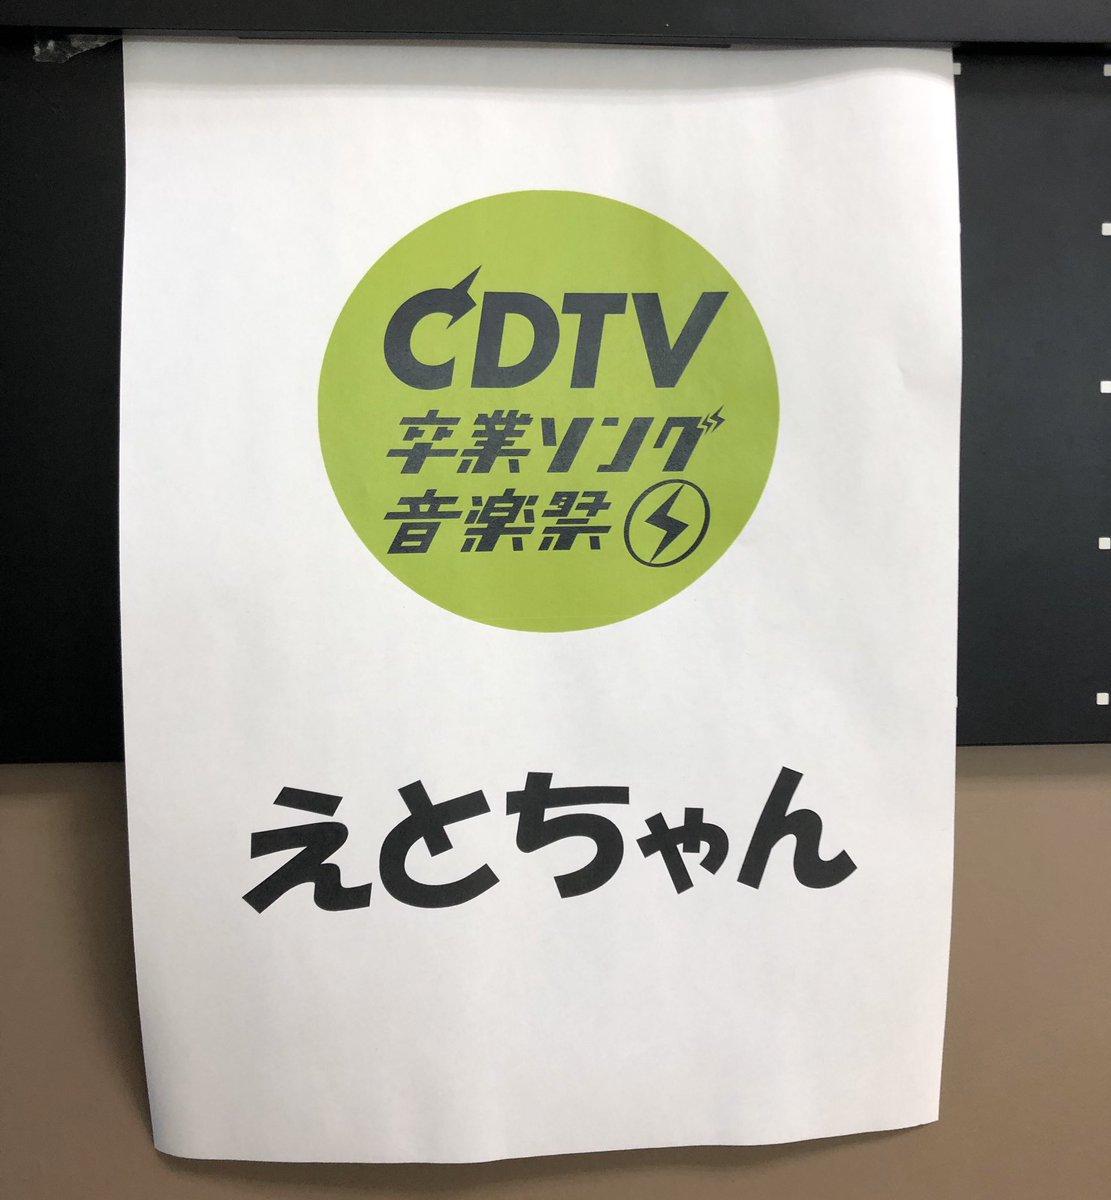 えとちゃん cdtv